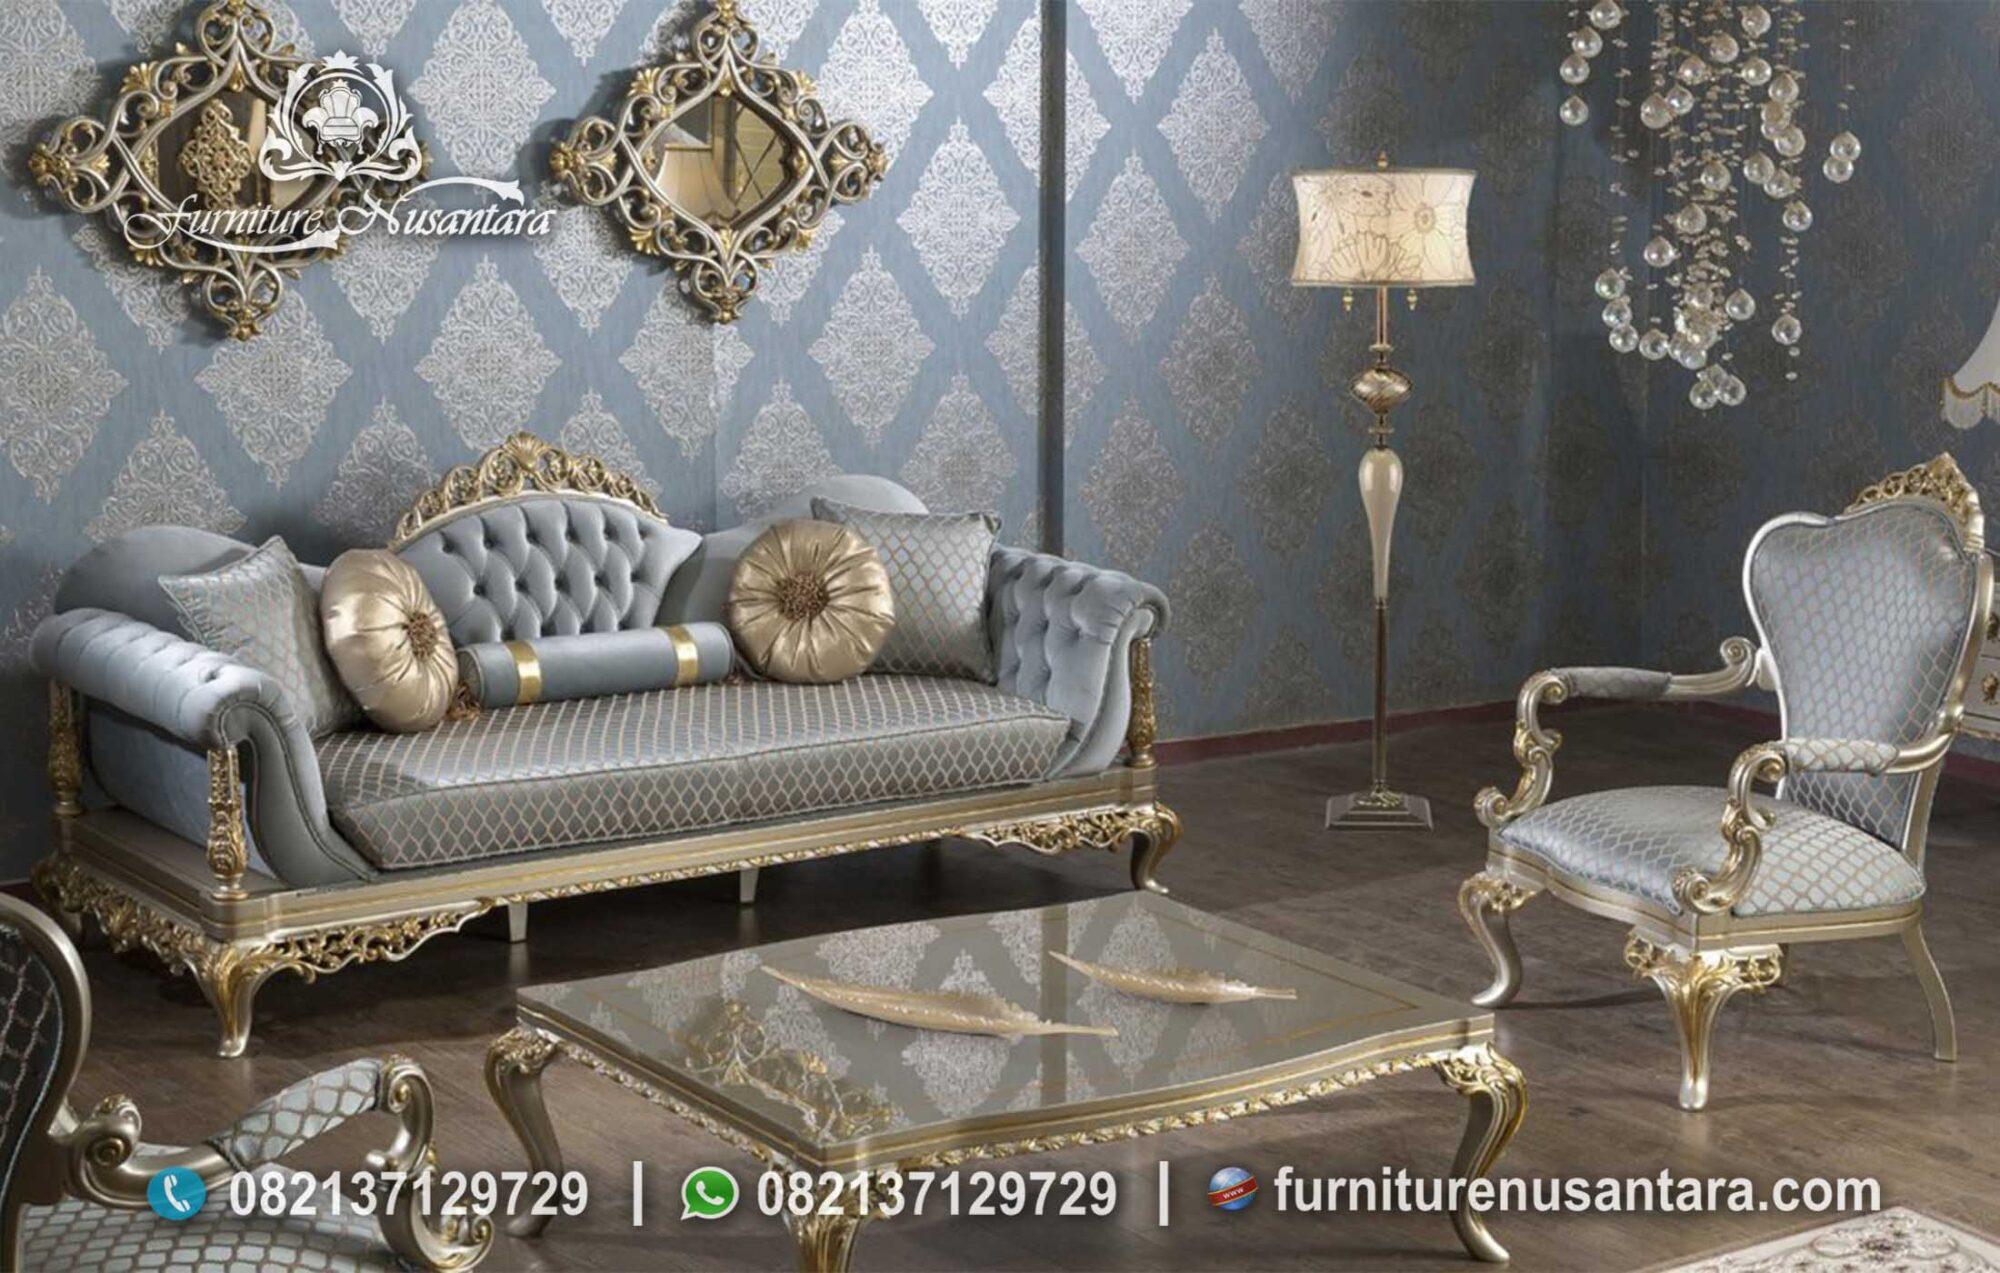 Jual Sofa Tamu Mewah Arabian ST-68, Furniture Nusantara